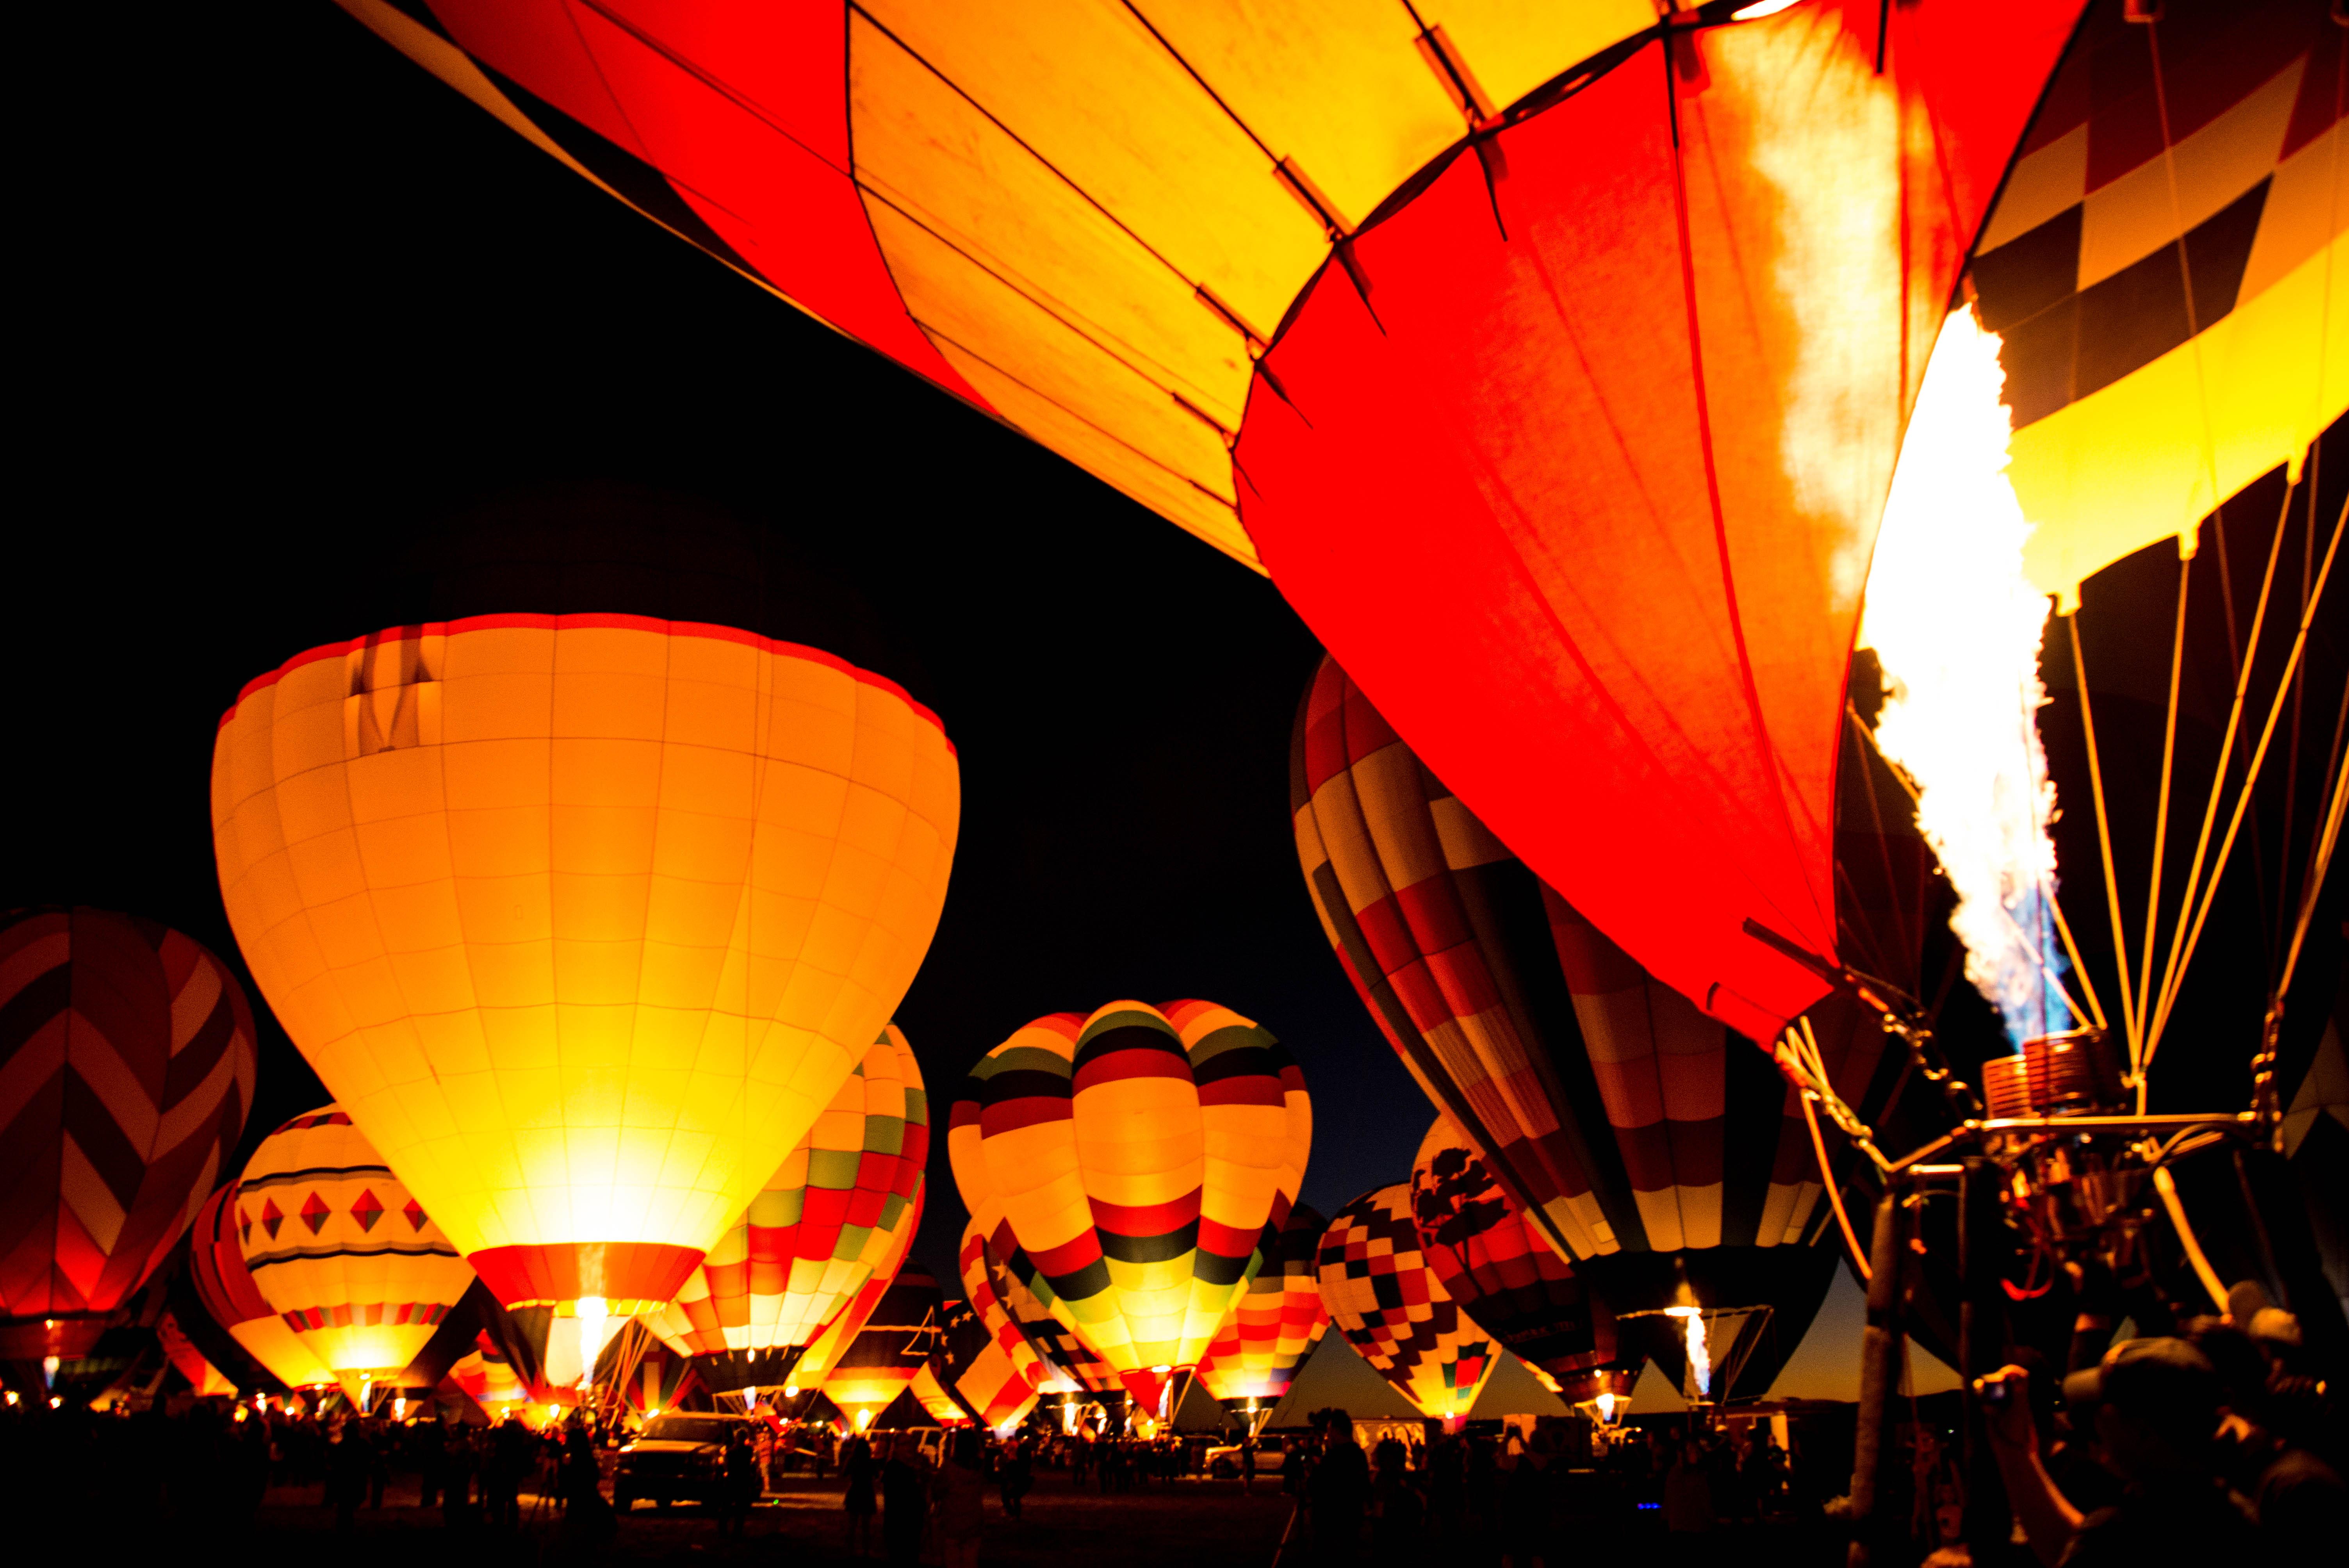 Balloon Fiesta, Albuquerque